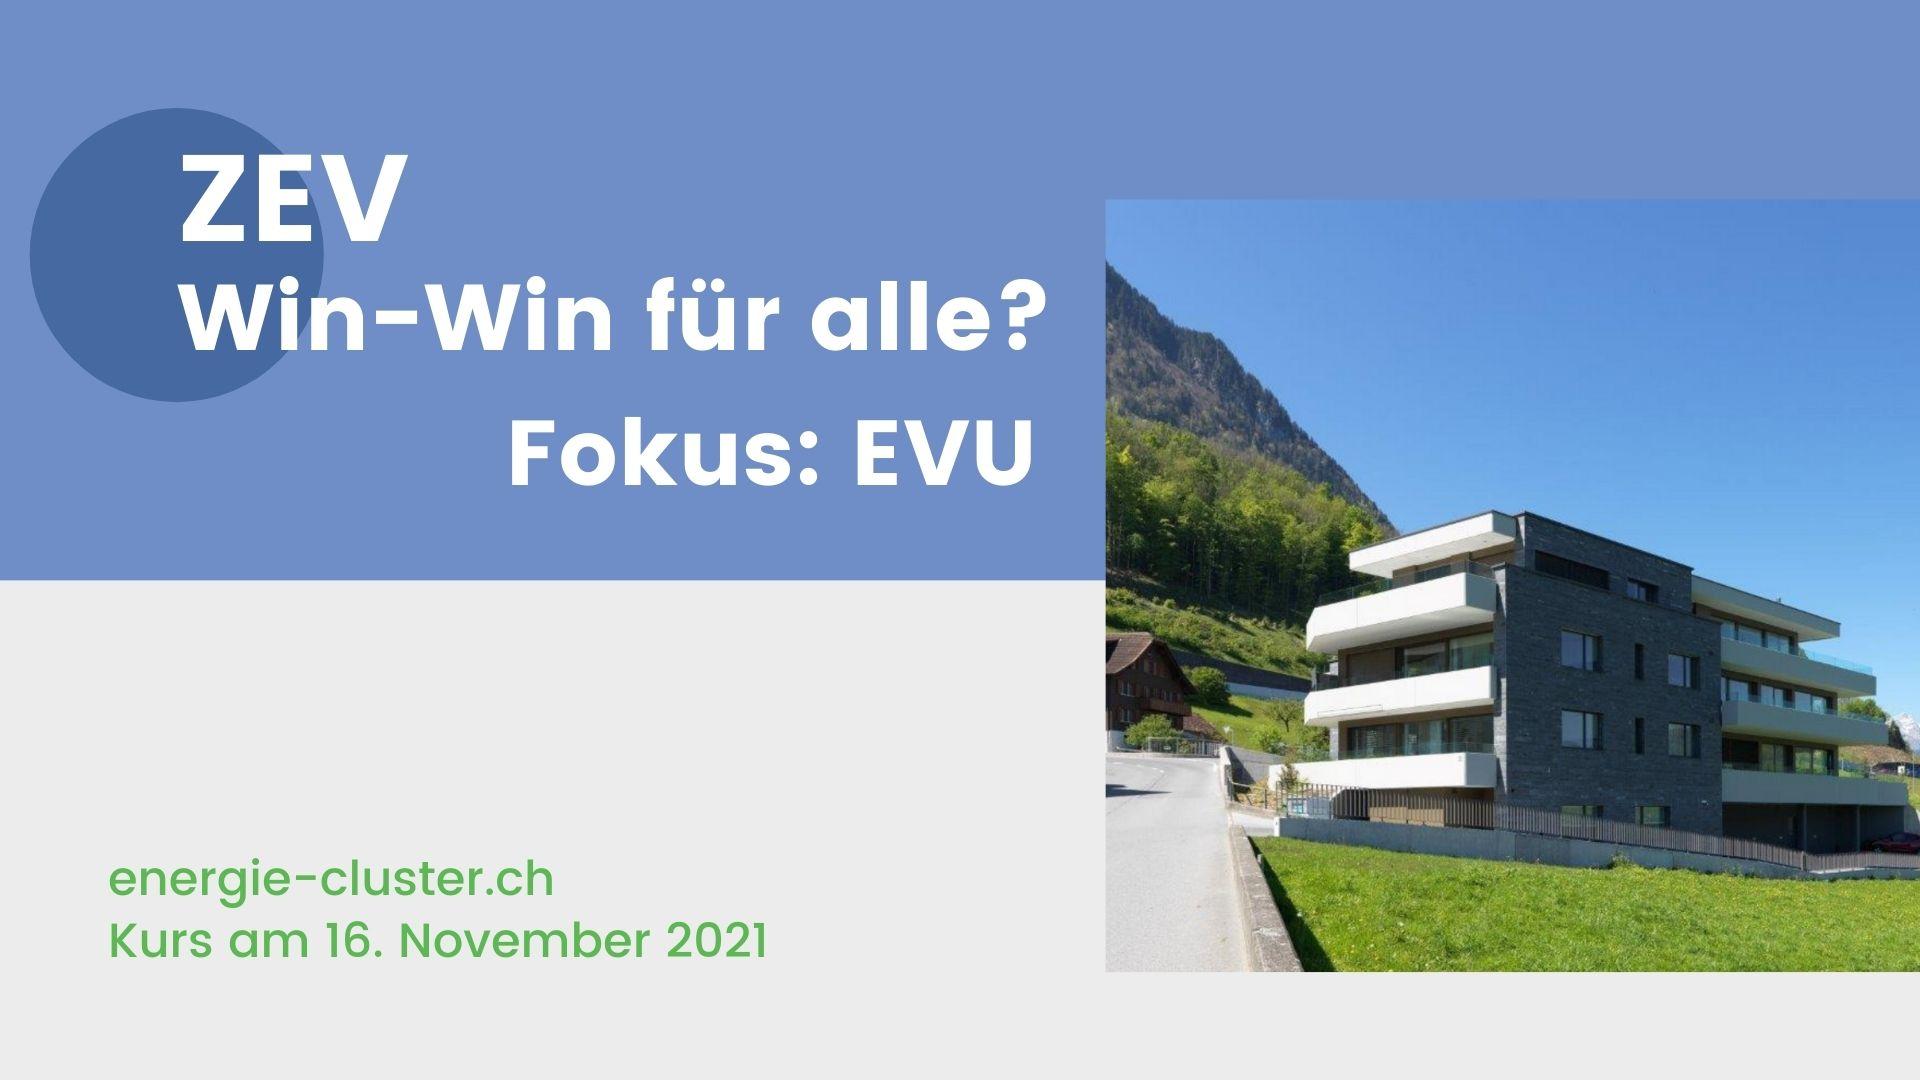 energiecluster ZEV für EVU